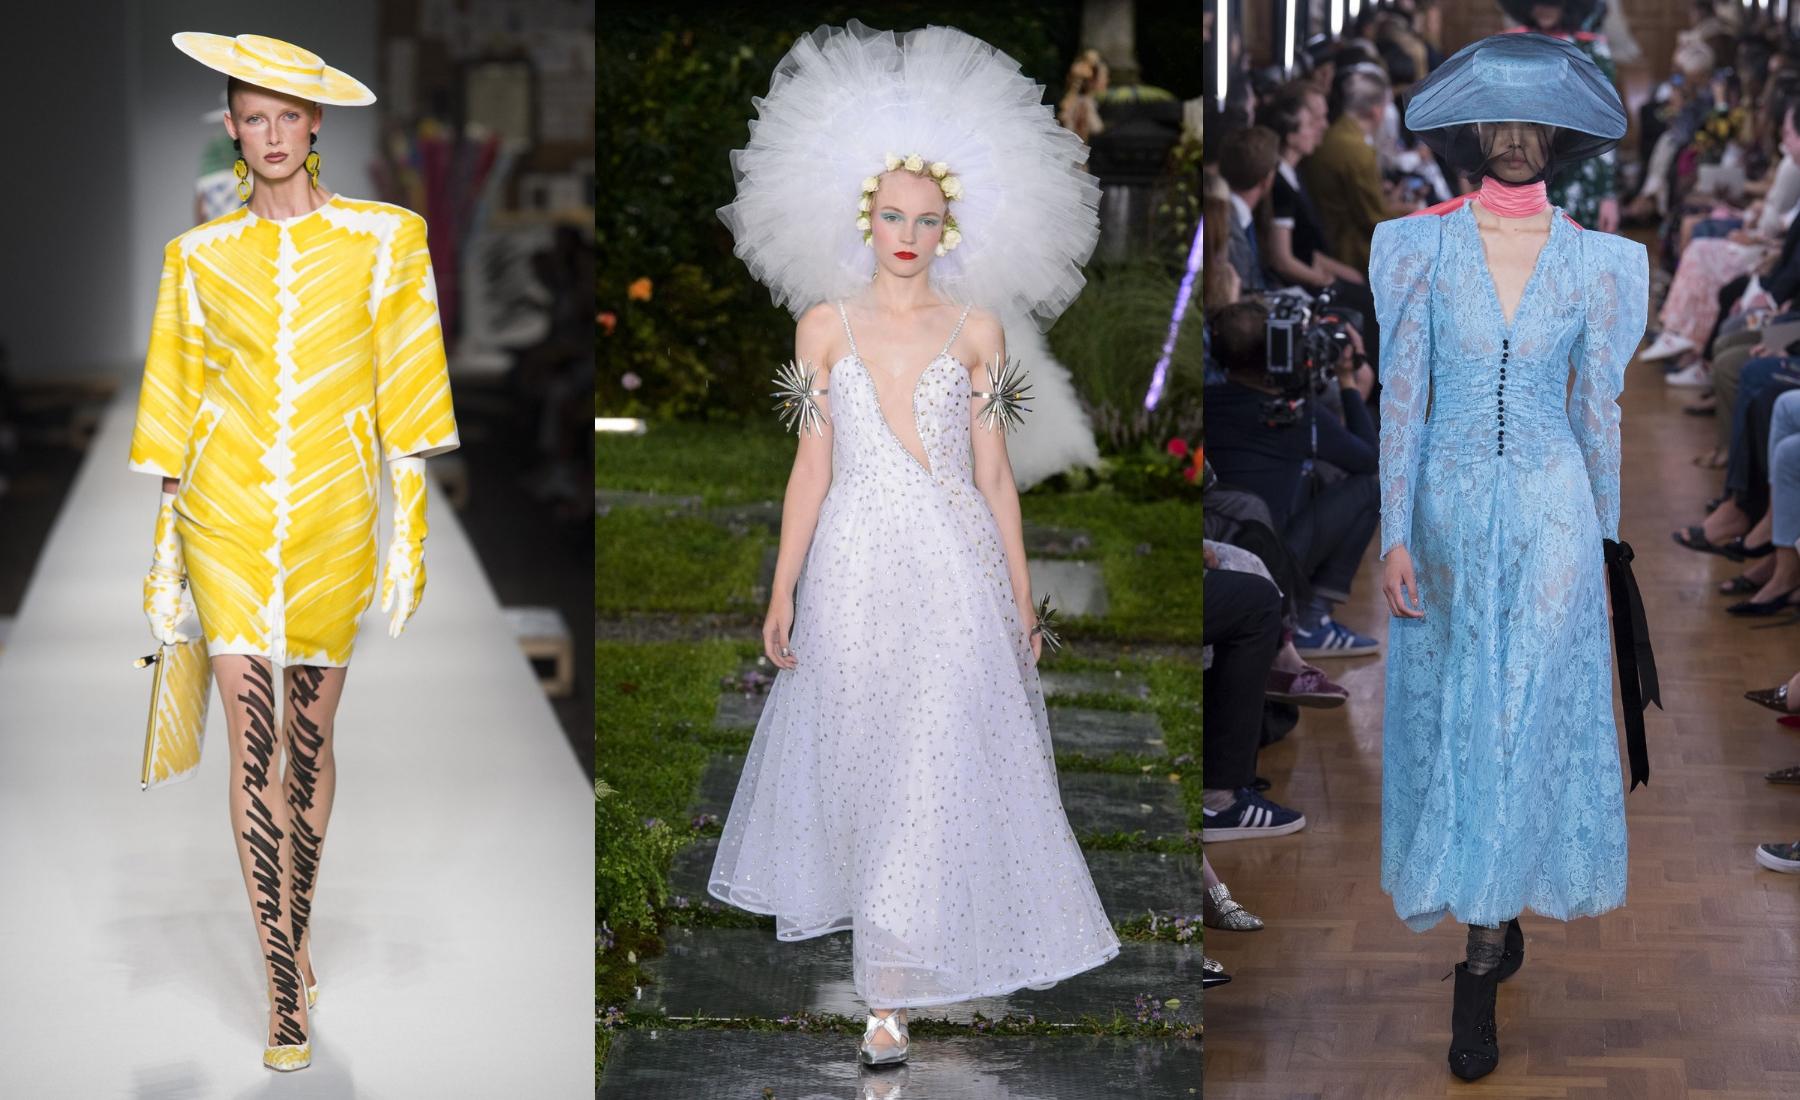 xu hướng thời trang lên ngôi tại Tuần lễ Thời trang Xuân – Hè 2019 57